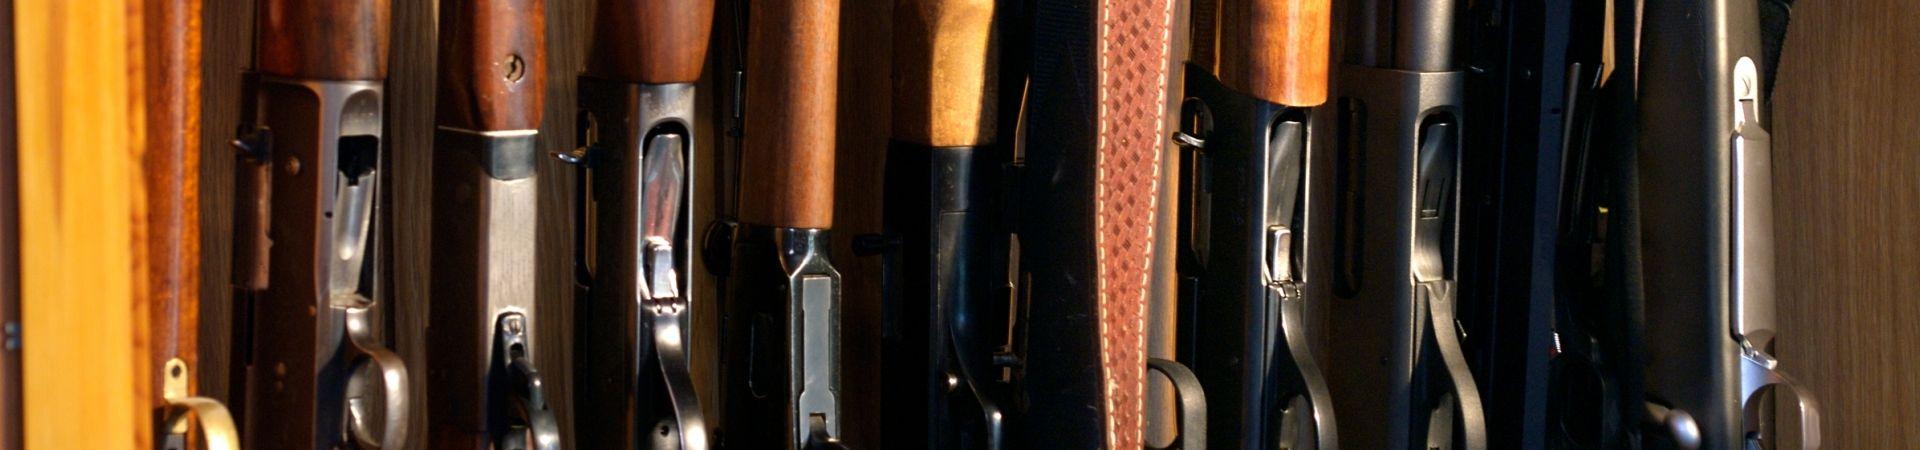 Slider guns